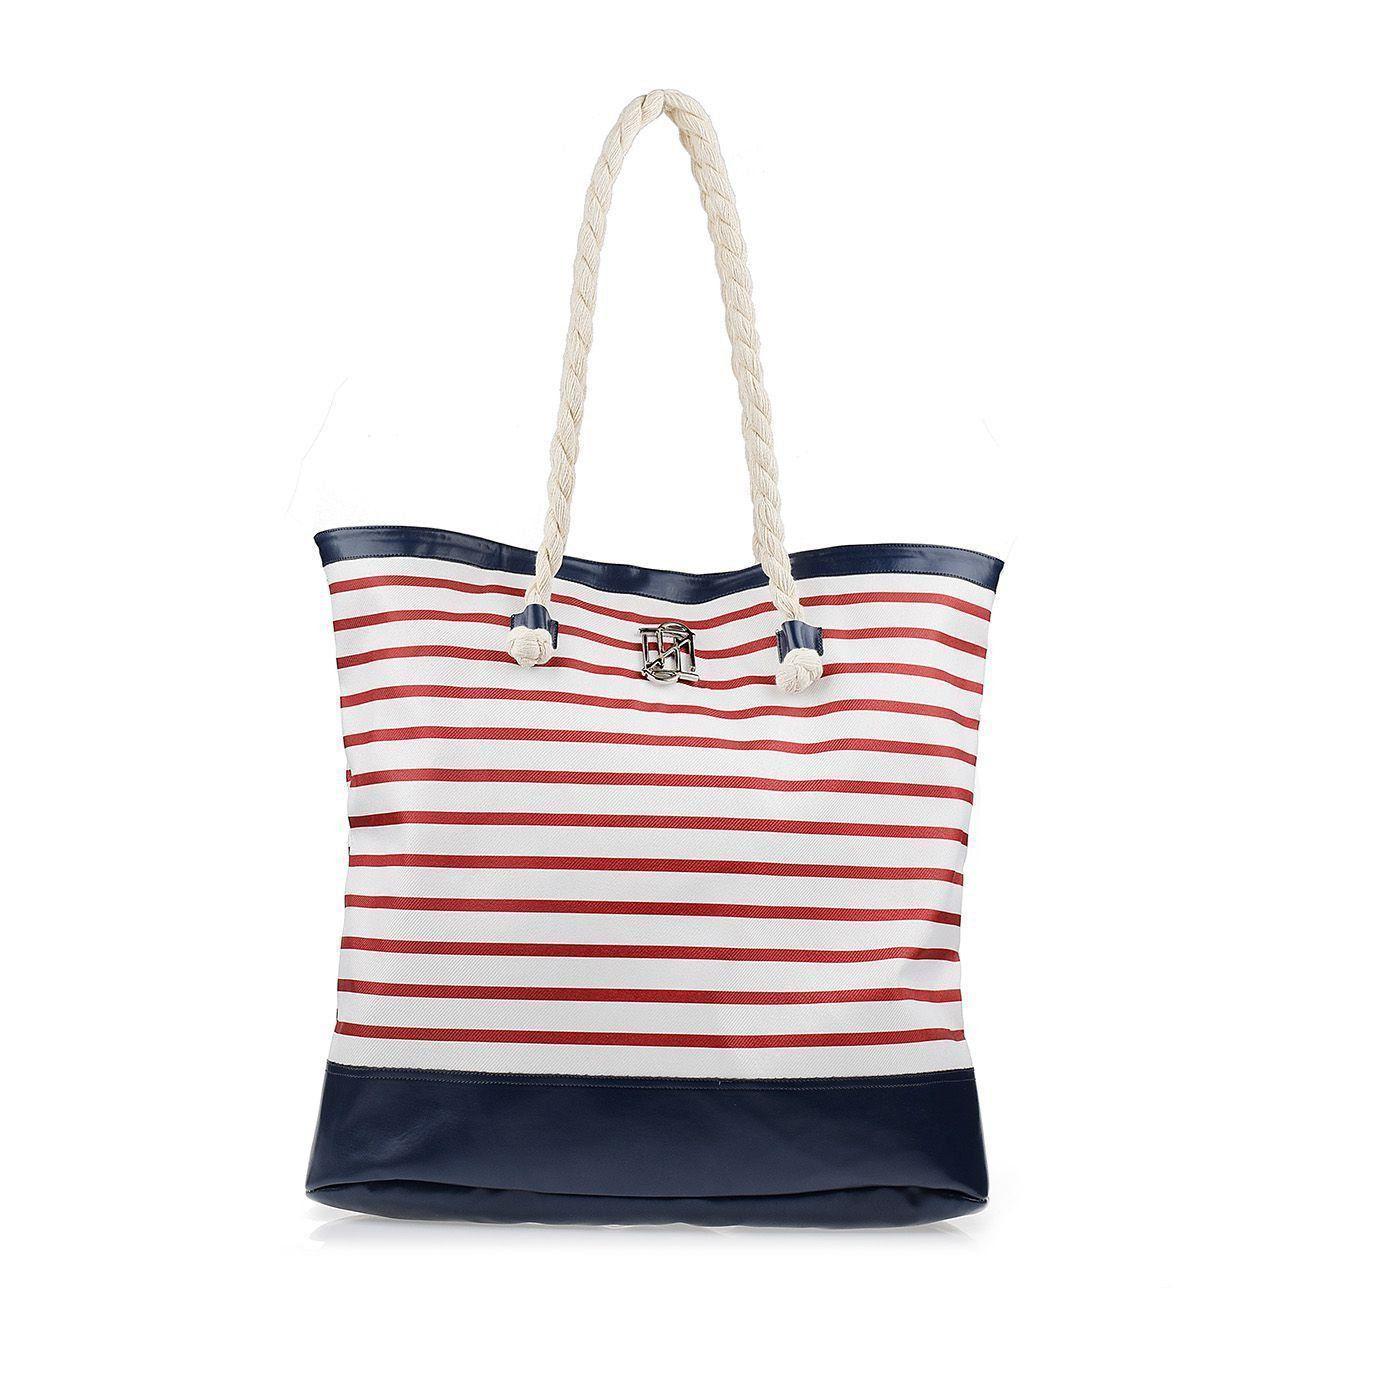 Bolsa Summer Navy Red/Carameloo